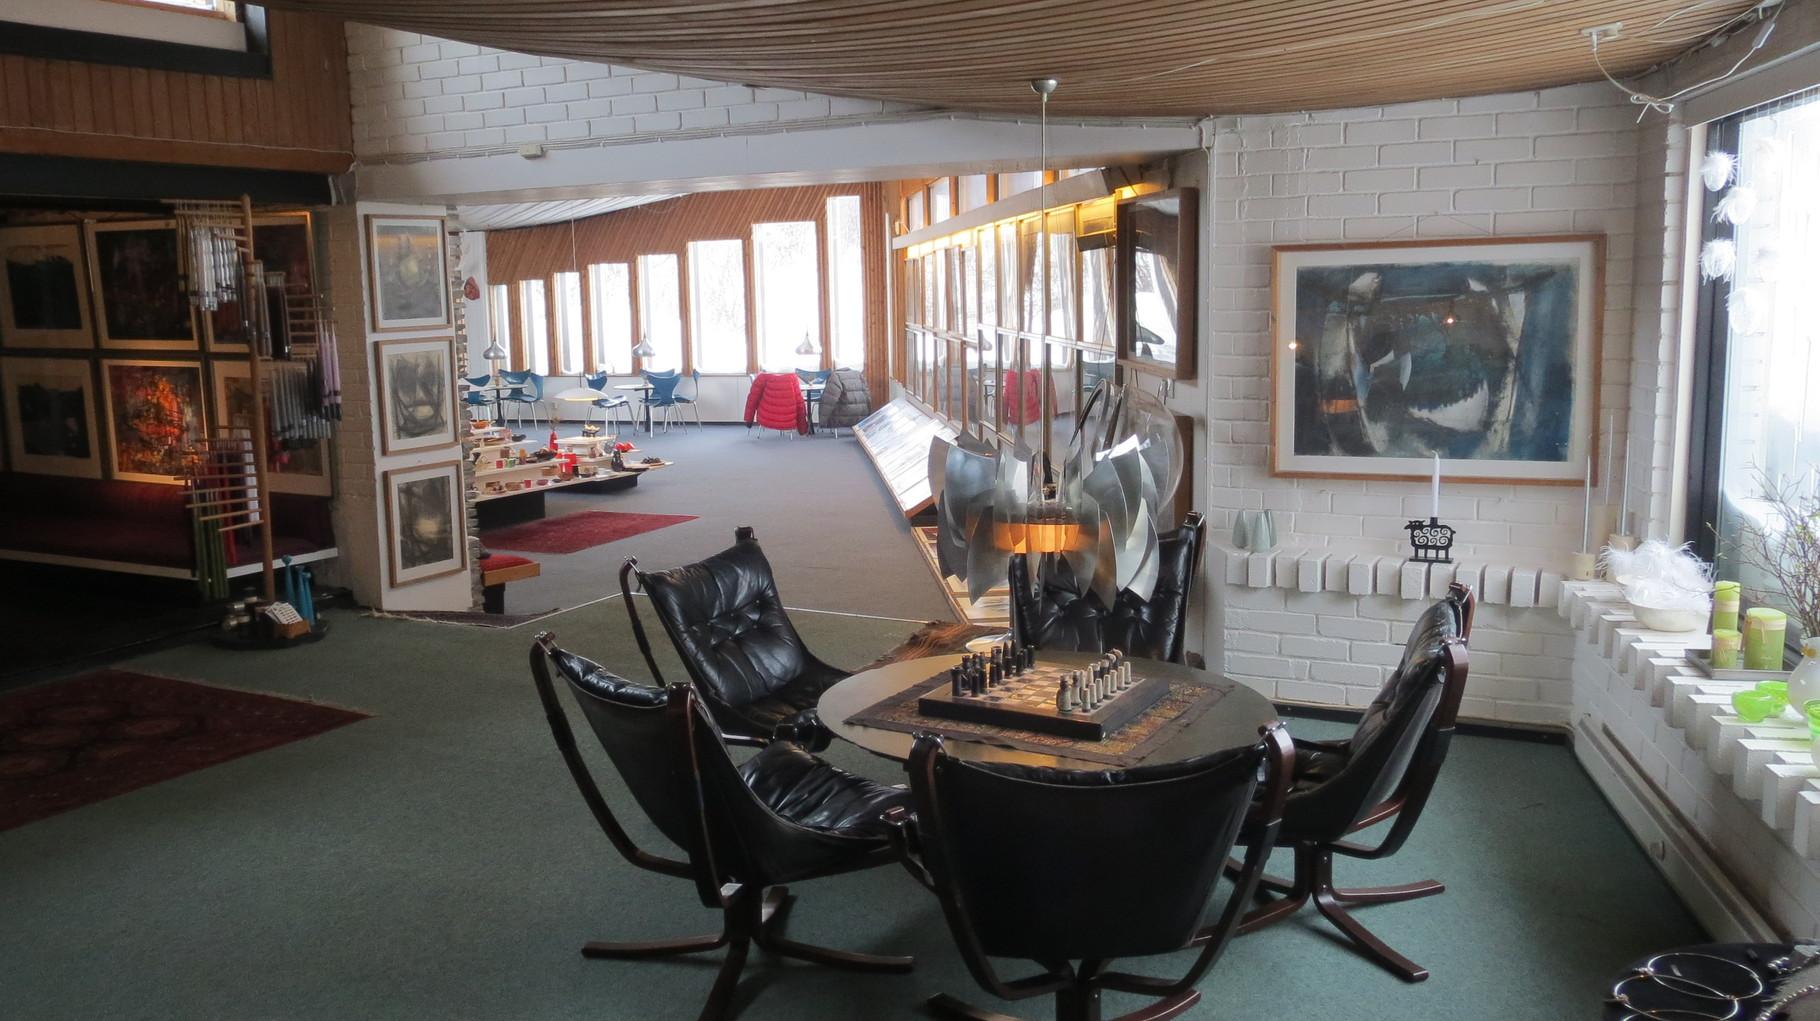 In den ausladenden Räumen die so über mehrere Jahrzehnte entstanden sind ...